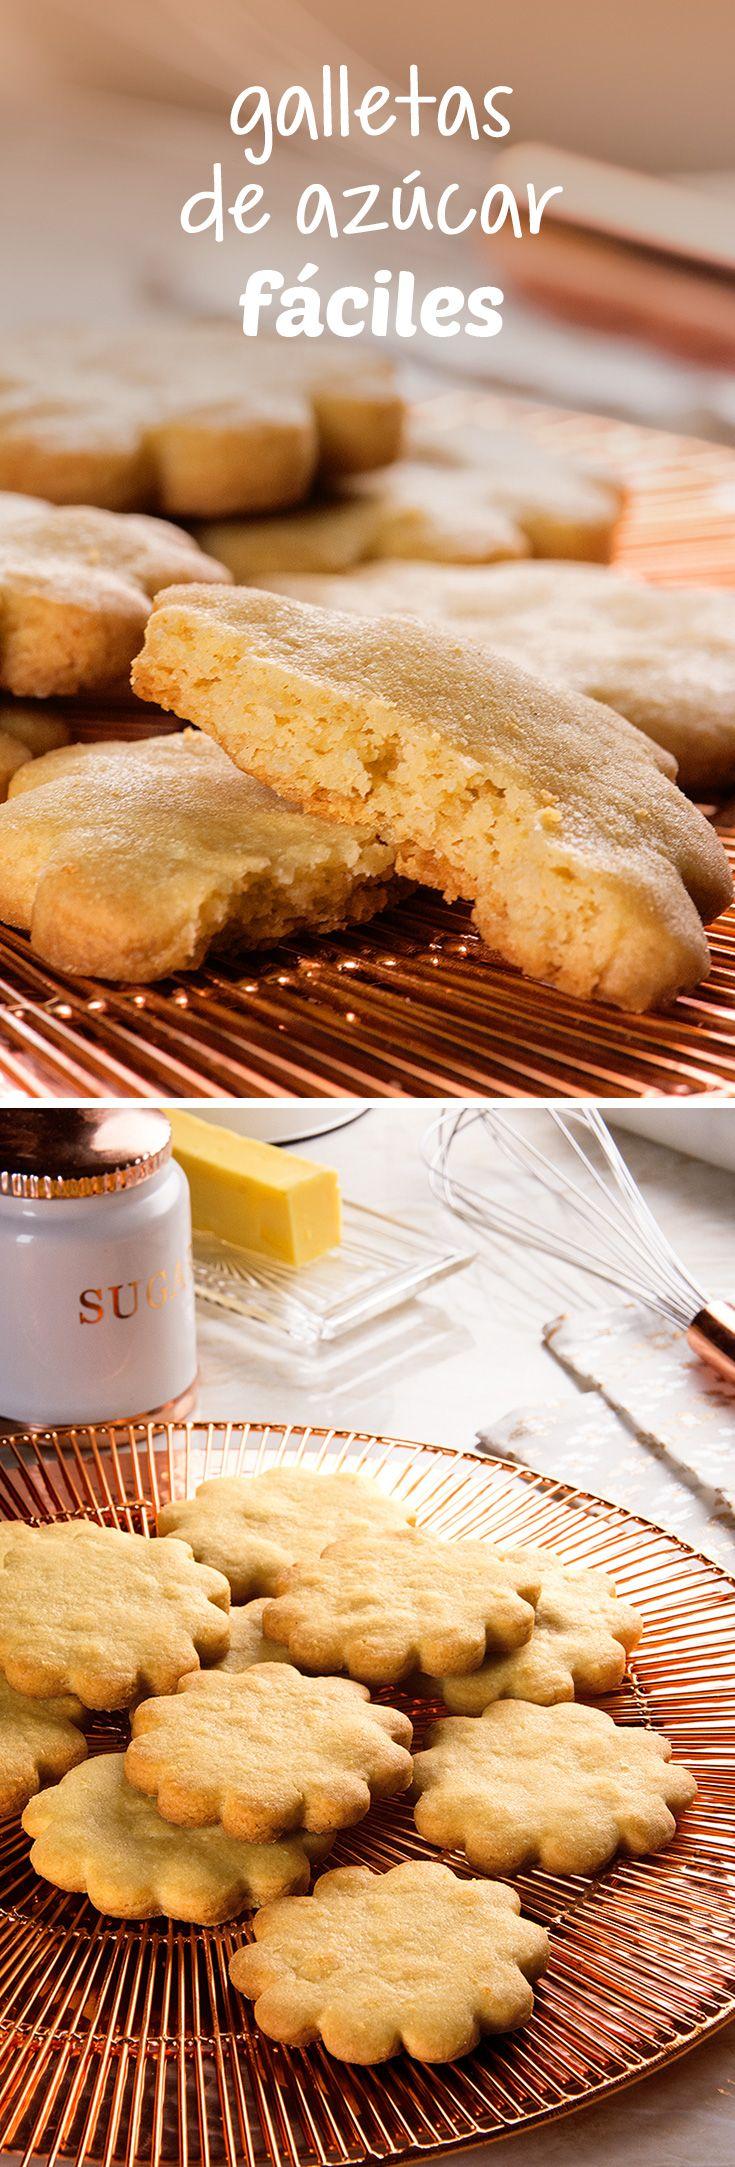 Te van a encantar estas galletas de azúcar como las que hacen las abuelitas. Esta receta de galletas es muy fácil y económica tanto si quieres regalarlas en una ocasión especial como si quieres preparar un postre para toda la familia.